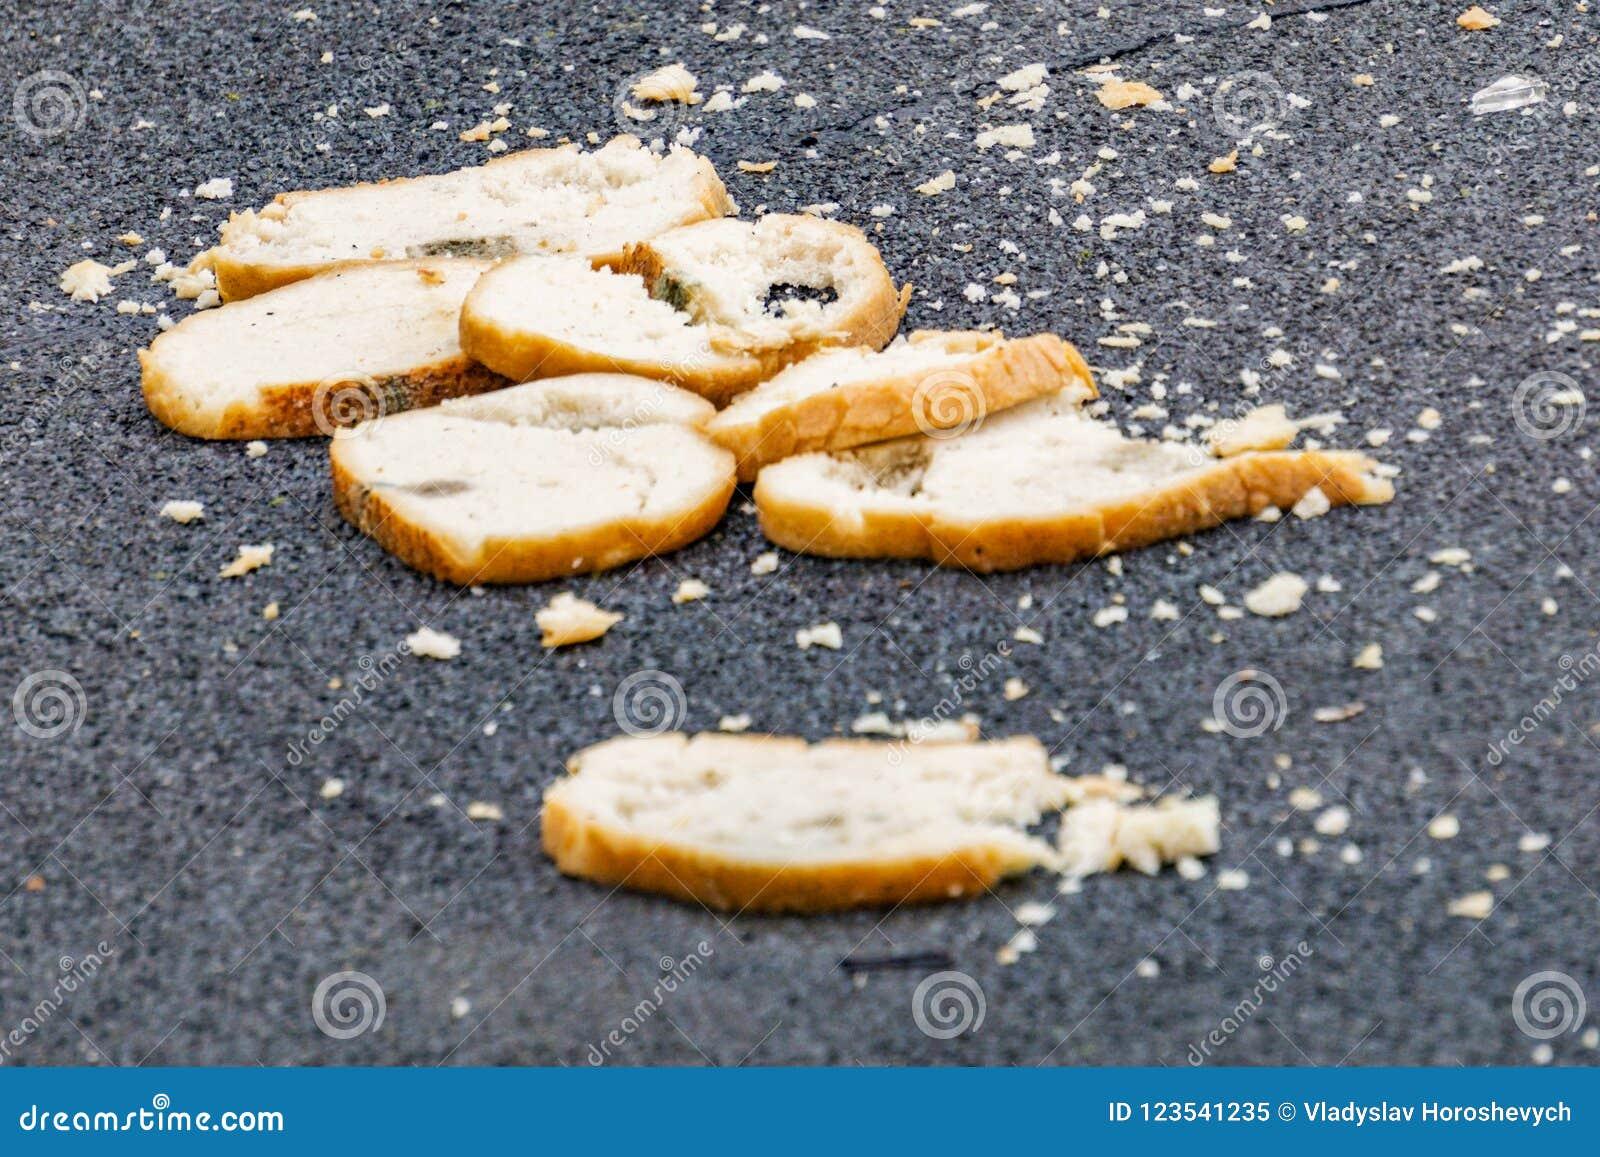 De stukken van brood liggen op de weg, het concept honger, behandelen voedsel, bedorven brood